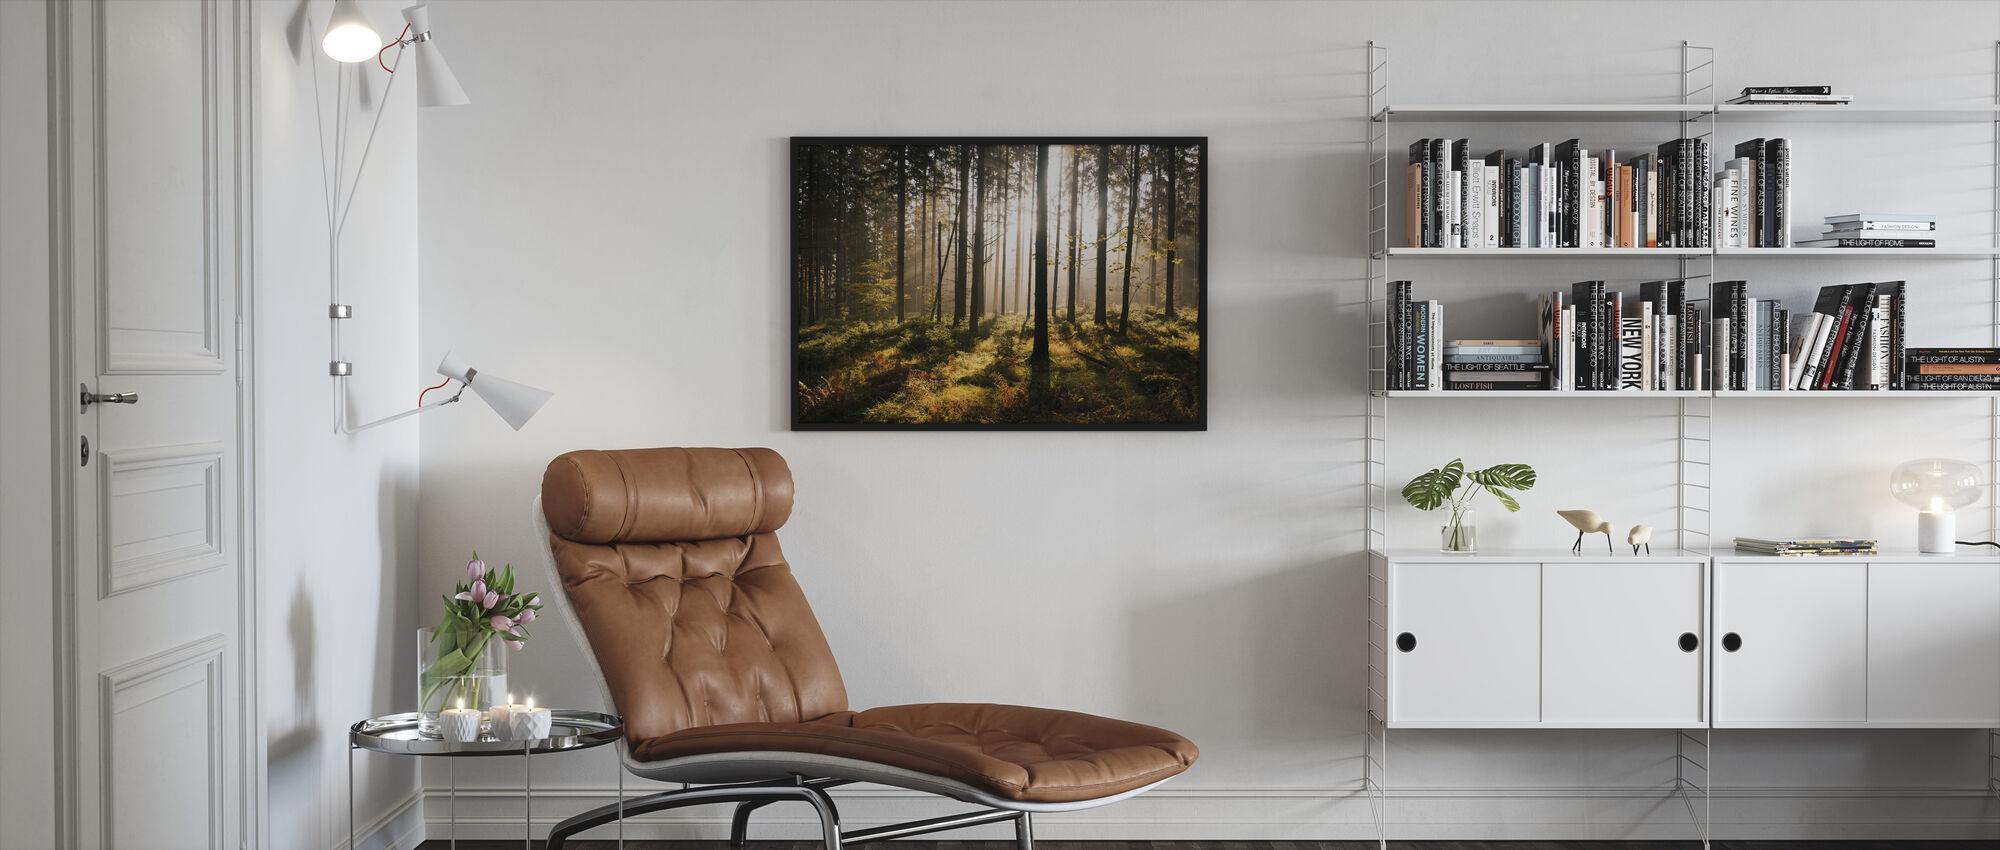 Fall Skov med solstråler - Indrammet billede - Stue